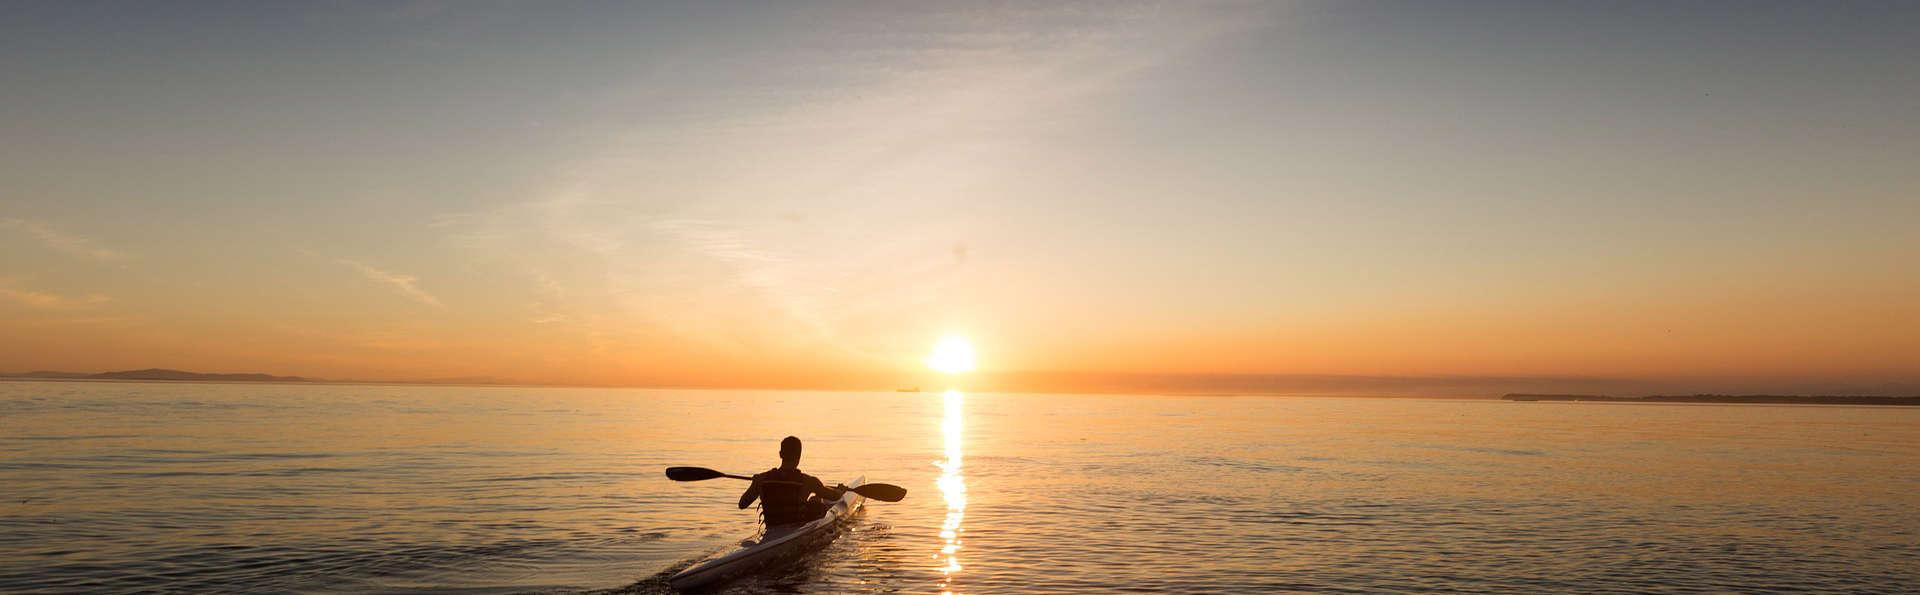 Mini-vacances en pension complète et circuit en kayak dans la baie de Gibraltar (2nuits)